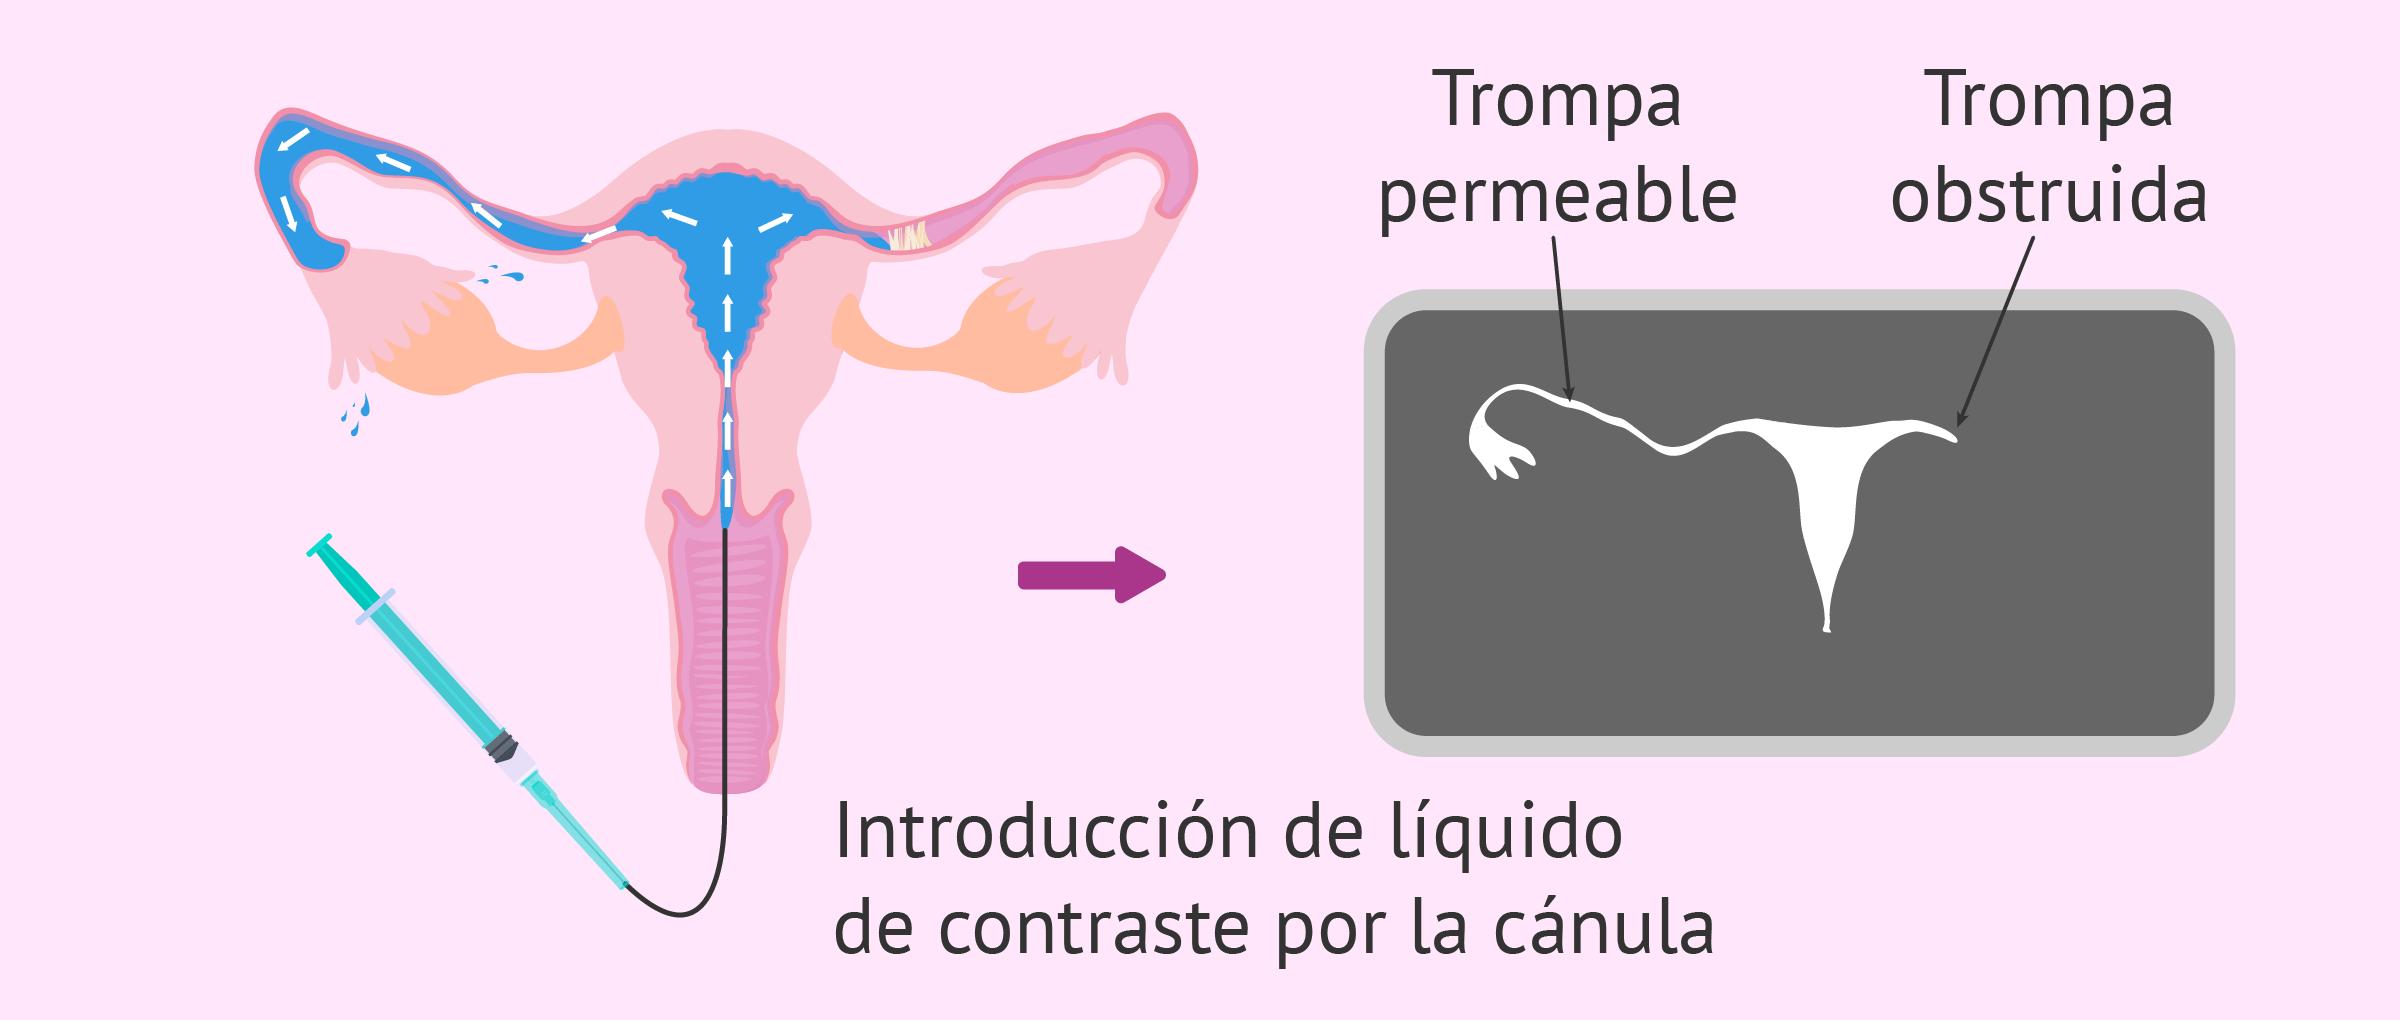 Histerosalpingografía convencional